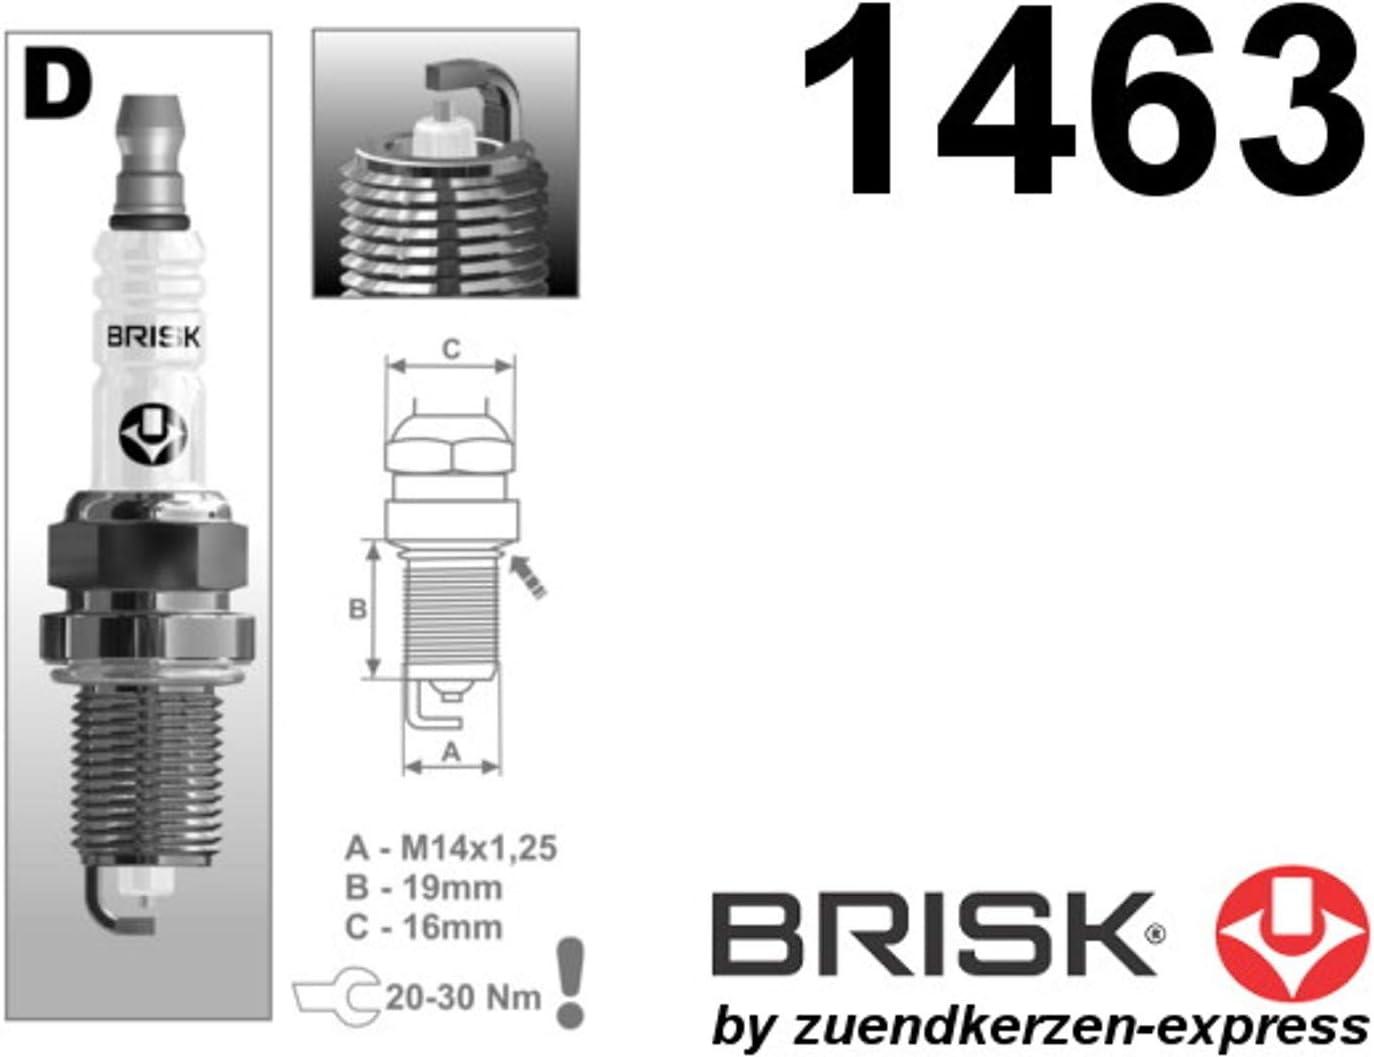 Brisk Silver DR17YS-9 1463 Spark plugs petrol fuel LPG CNG Autogas 6 pieces